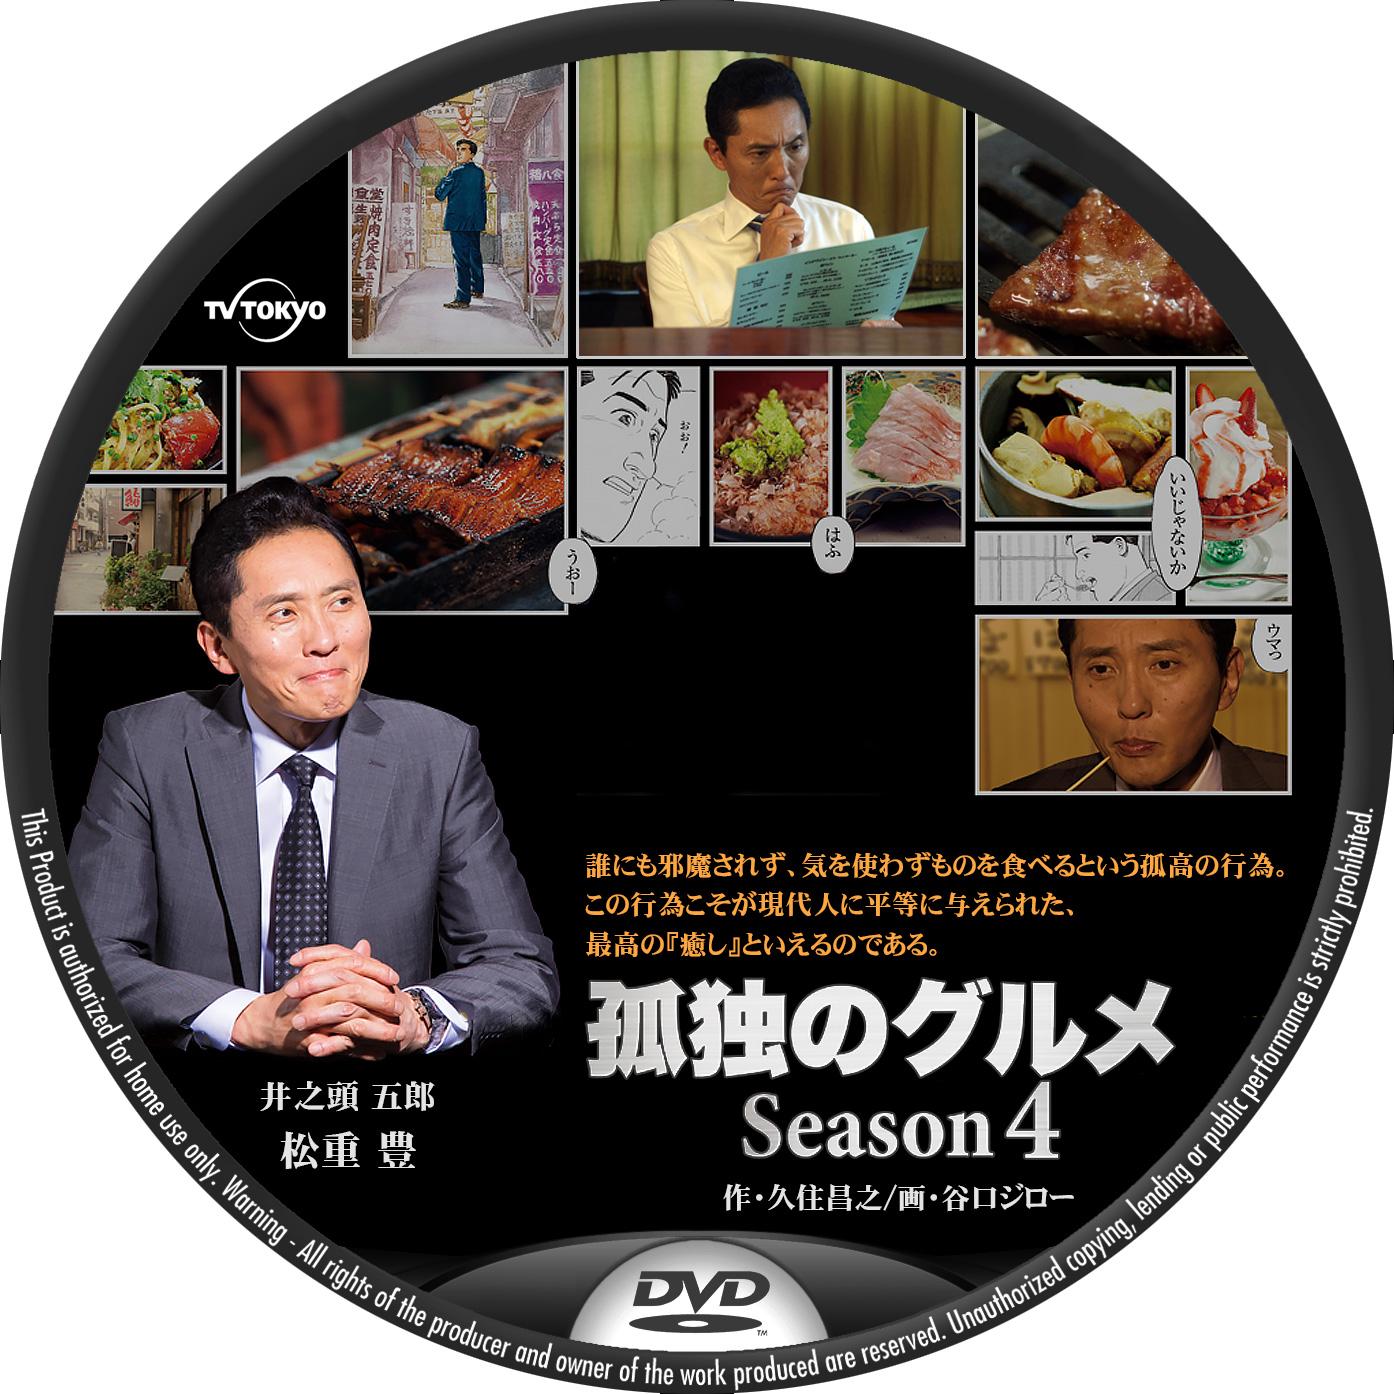 孤独のグルメ Season4 DVDラベル